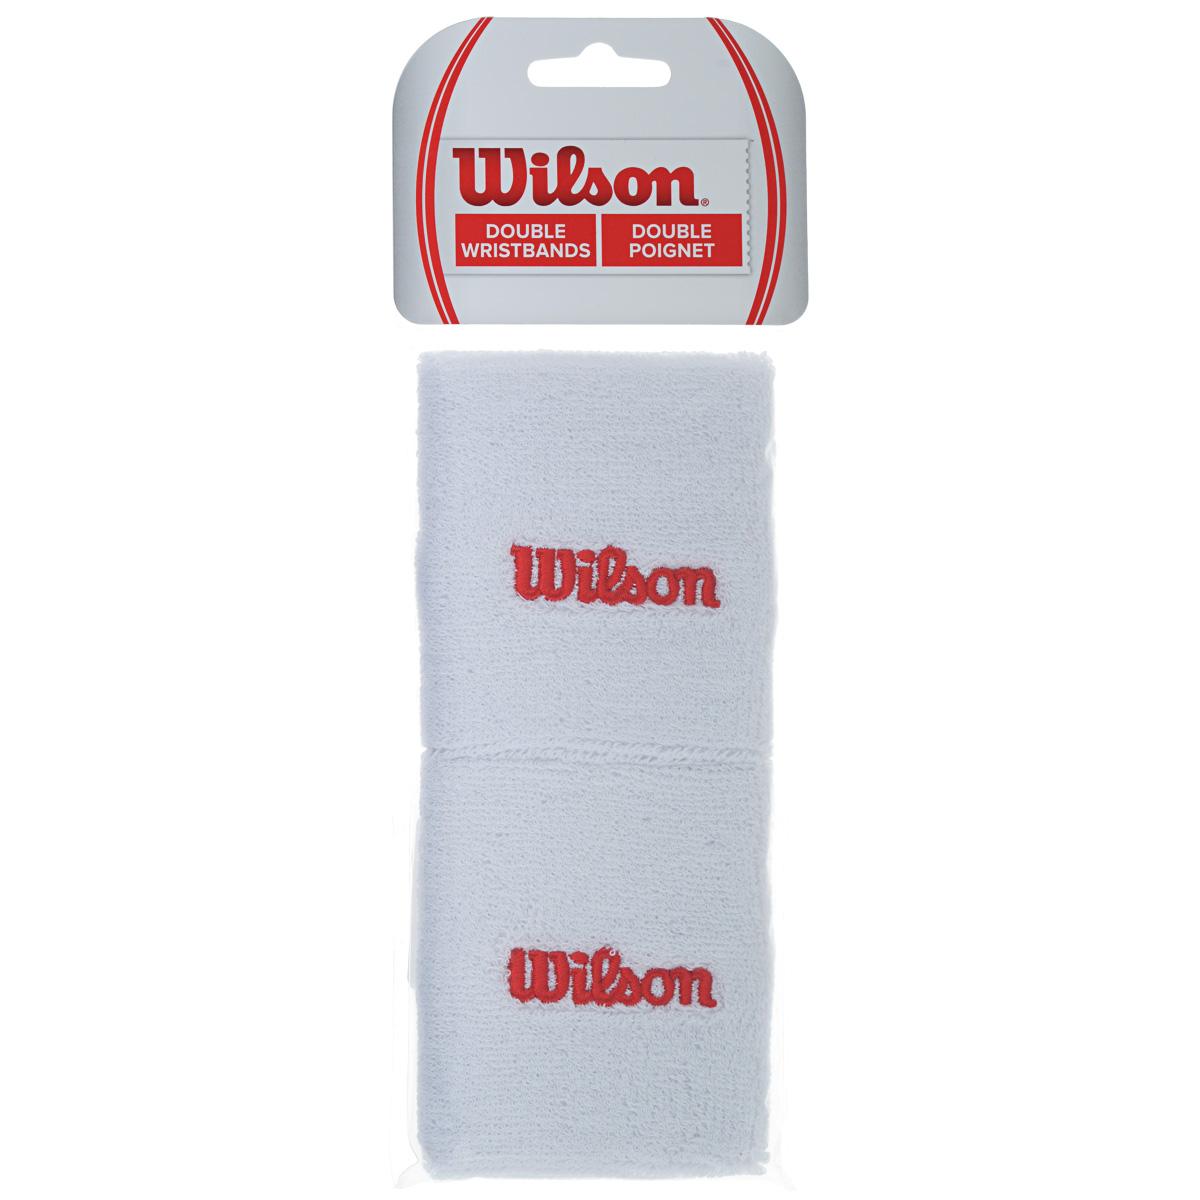 Напульсник Wilson Double Wristband, цвет: белый, 2 шт. Размер универсальныйWR5600310Сверхширокие напульсники Wilson Double Wristband выполнены из футера и украшены вышивкой Wilson. Полностью поглощают влагу, обеспечивая максимальный комфорт во время игры и тренировок.